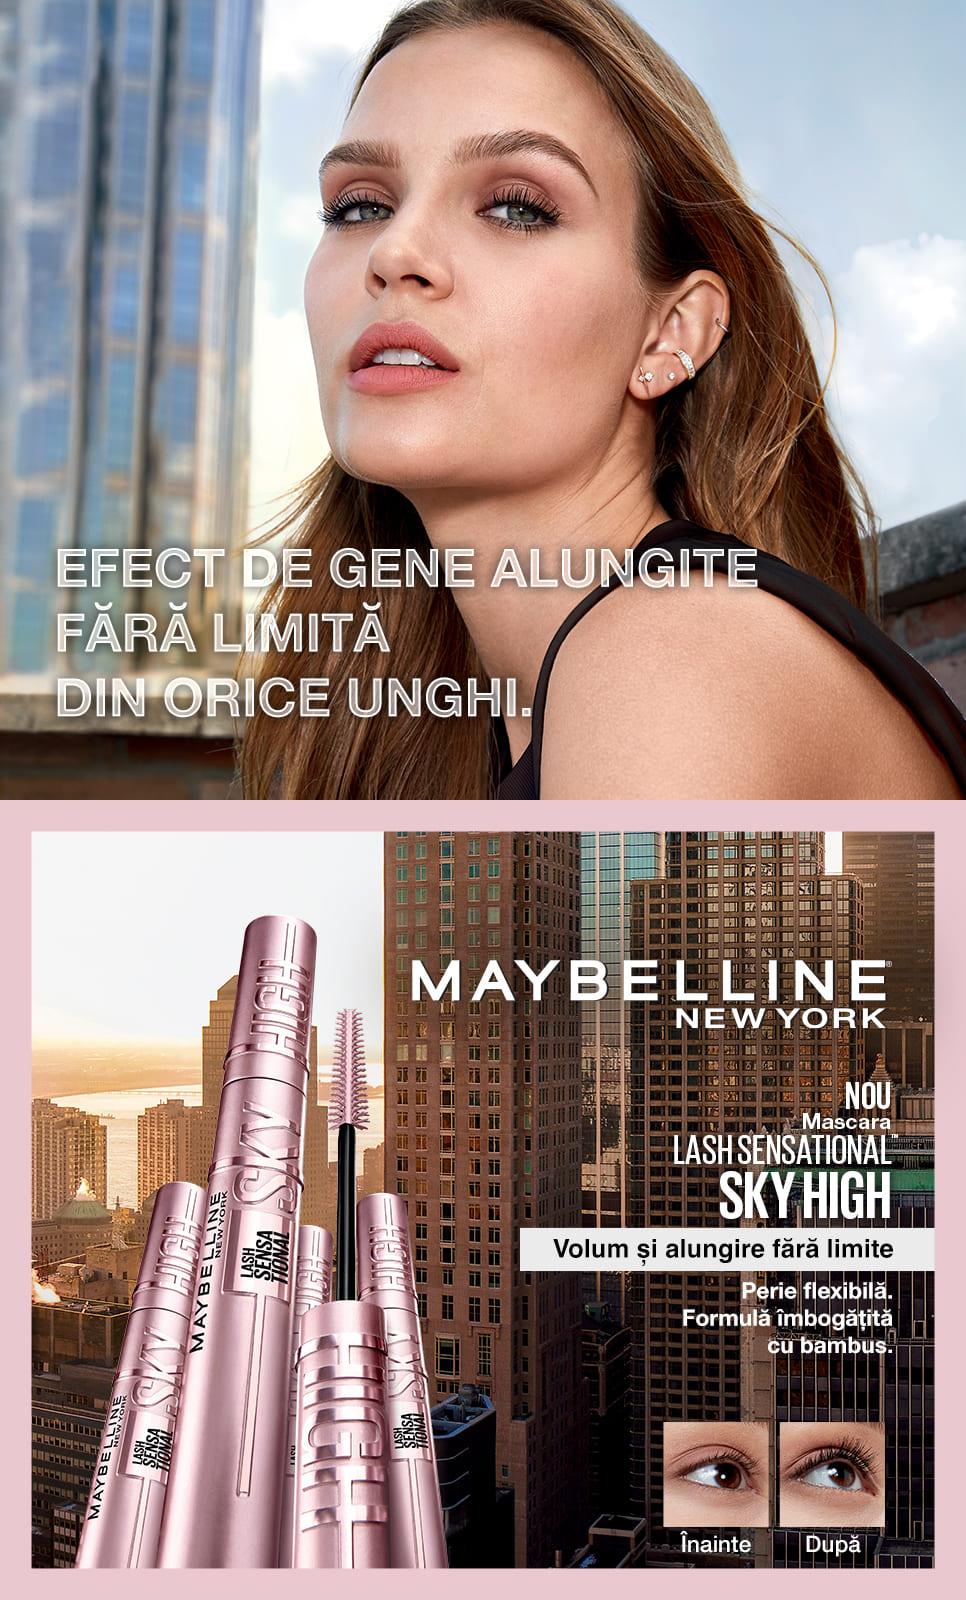 Descopera mascara Lash Sensational Sky High cu efect de gene alungite fara limita din orice unghi.